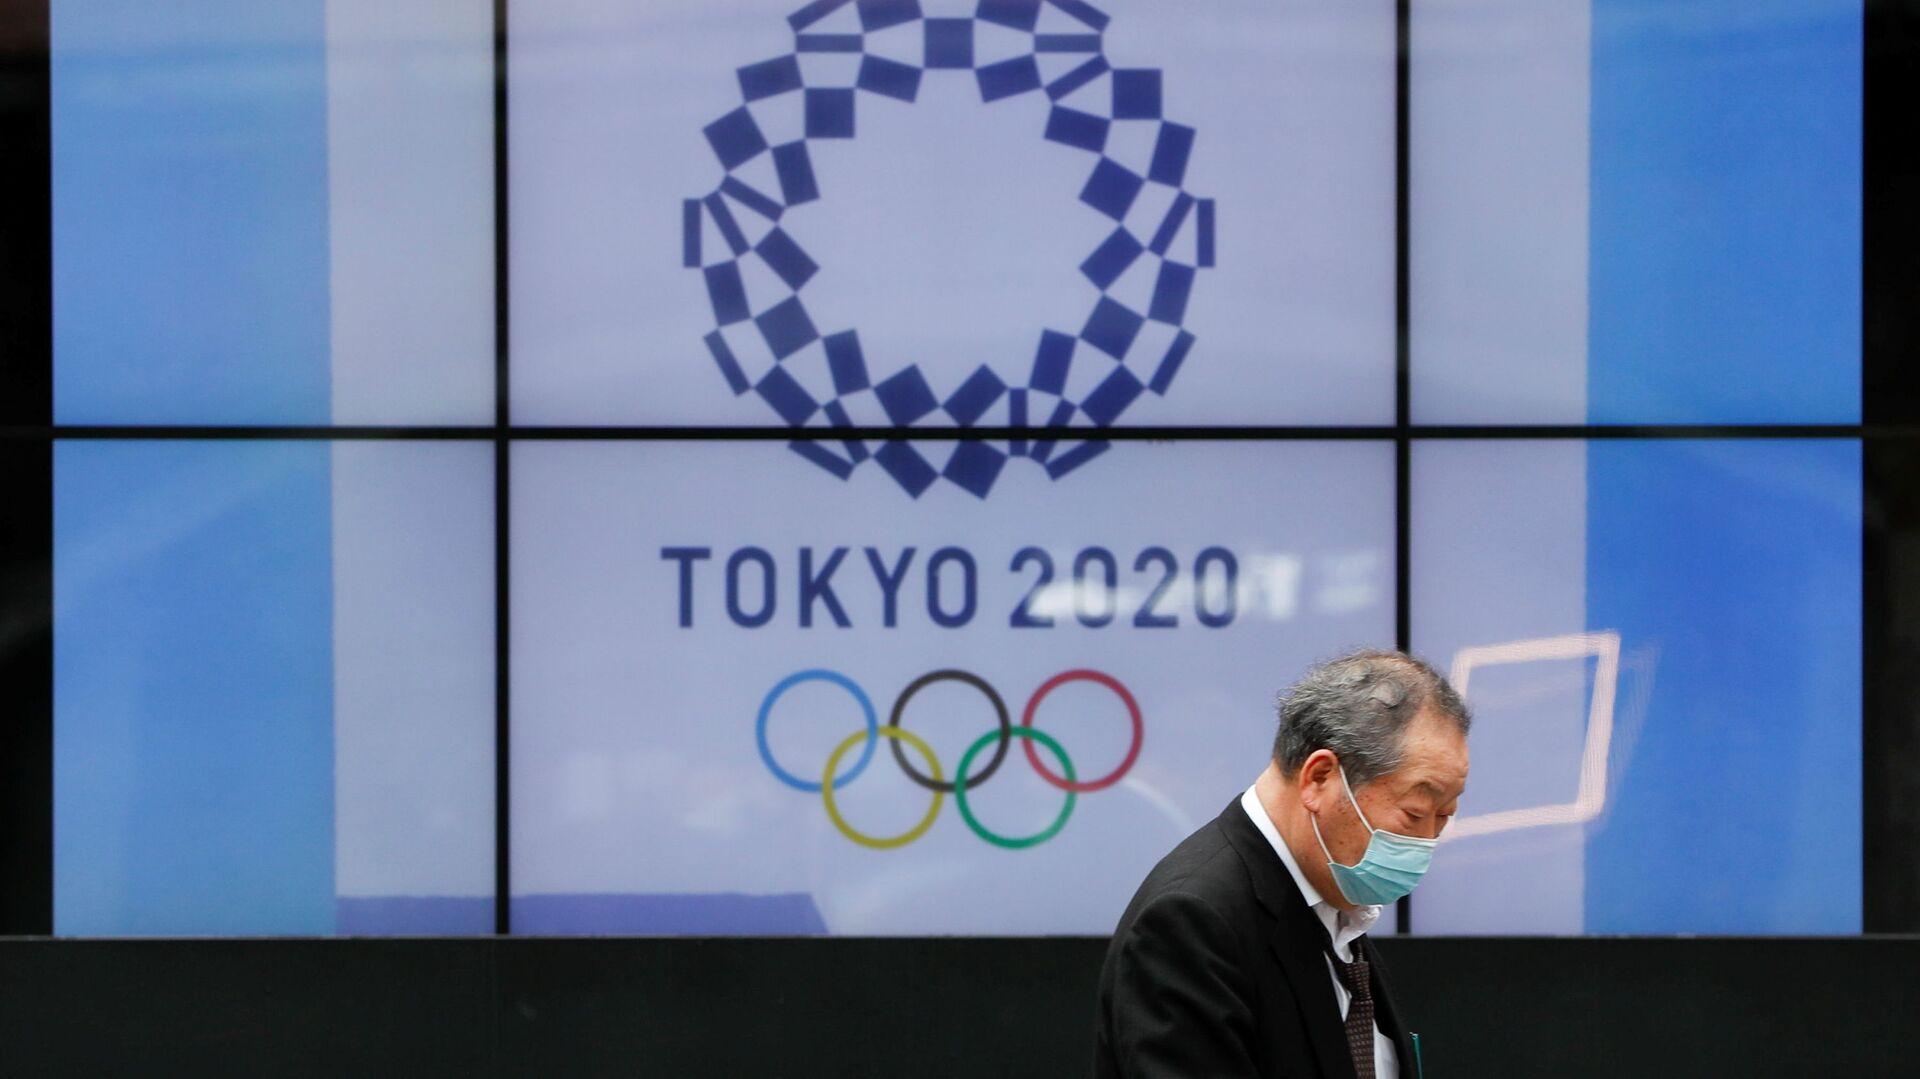 Олимпийские игры в Токио - Sputnik Беларусь, 1920, 22.04.2021